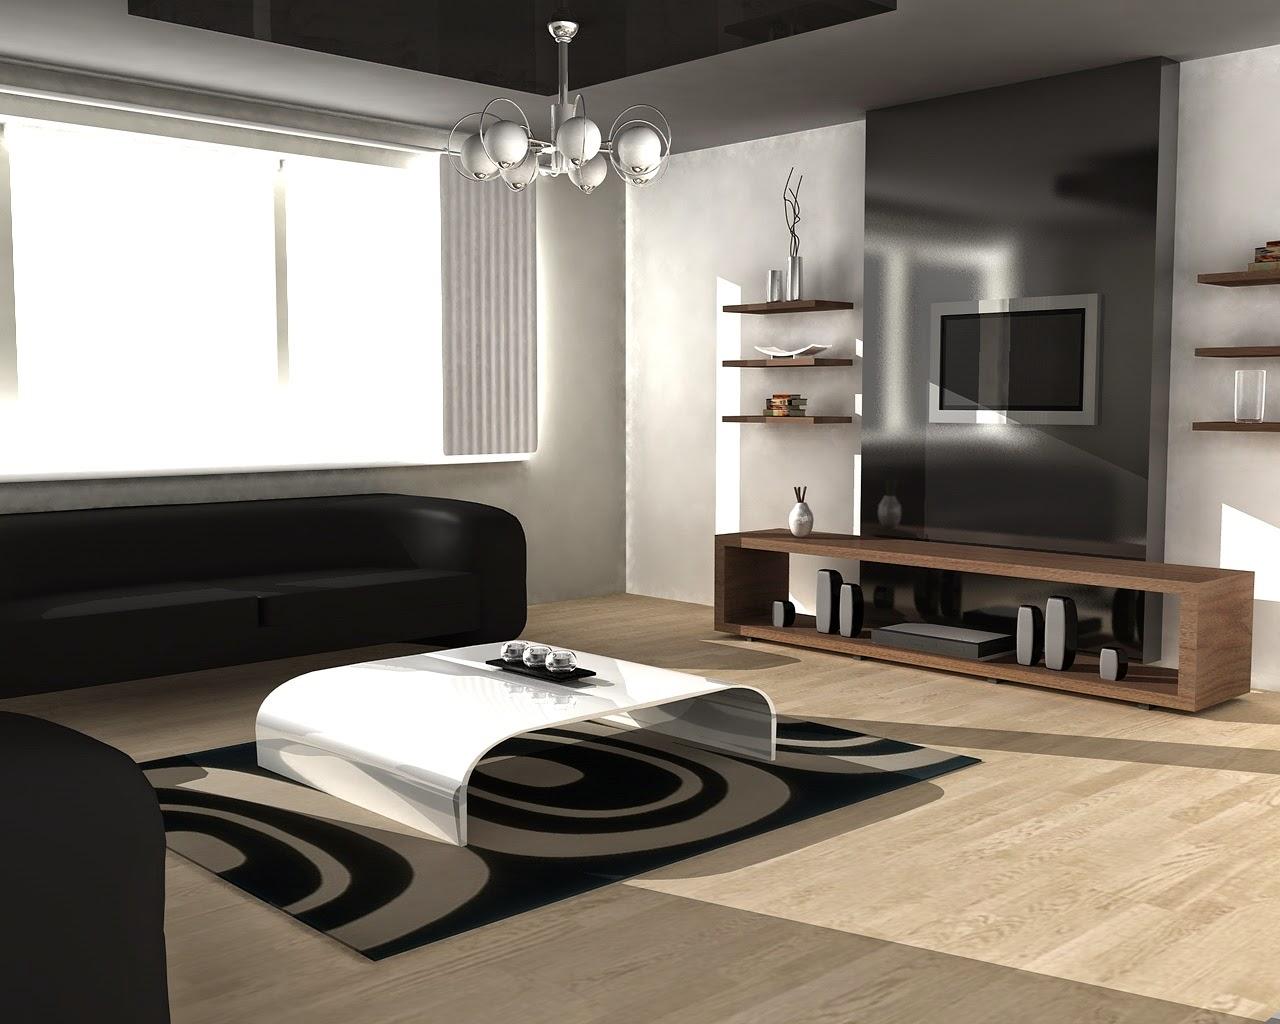 d corer un salon vif d coration salon d cor de salon. Black Bedroom Furniture Sets. Home Design Ideas